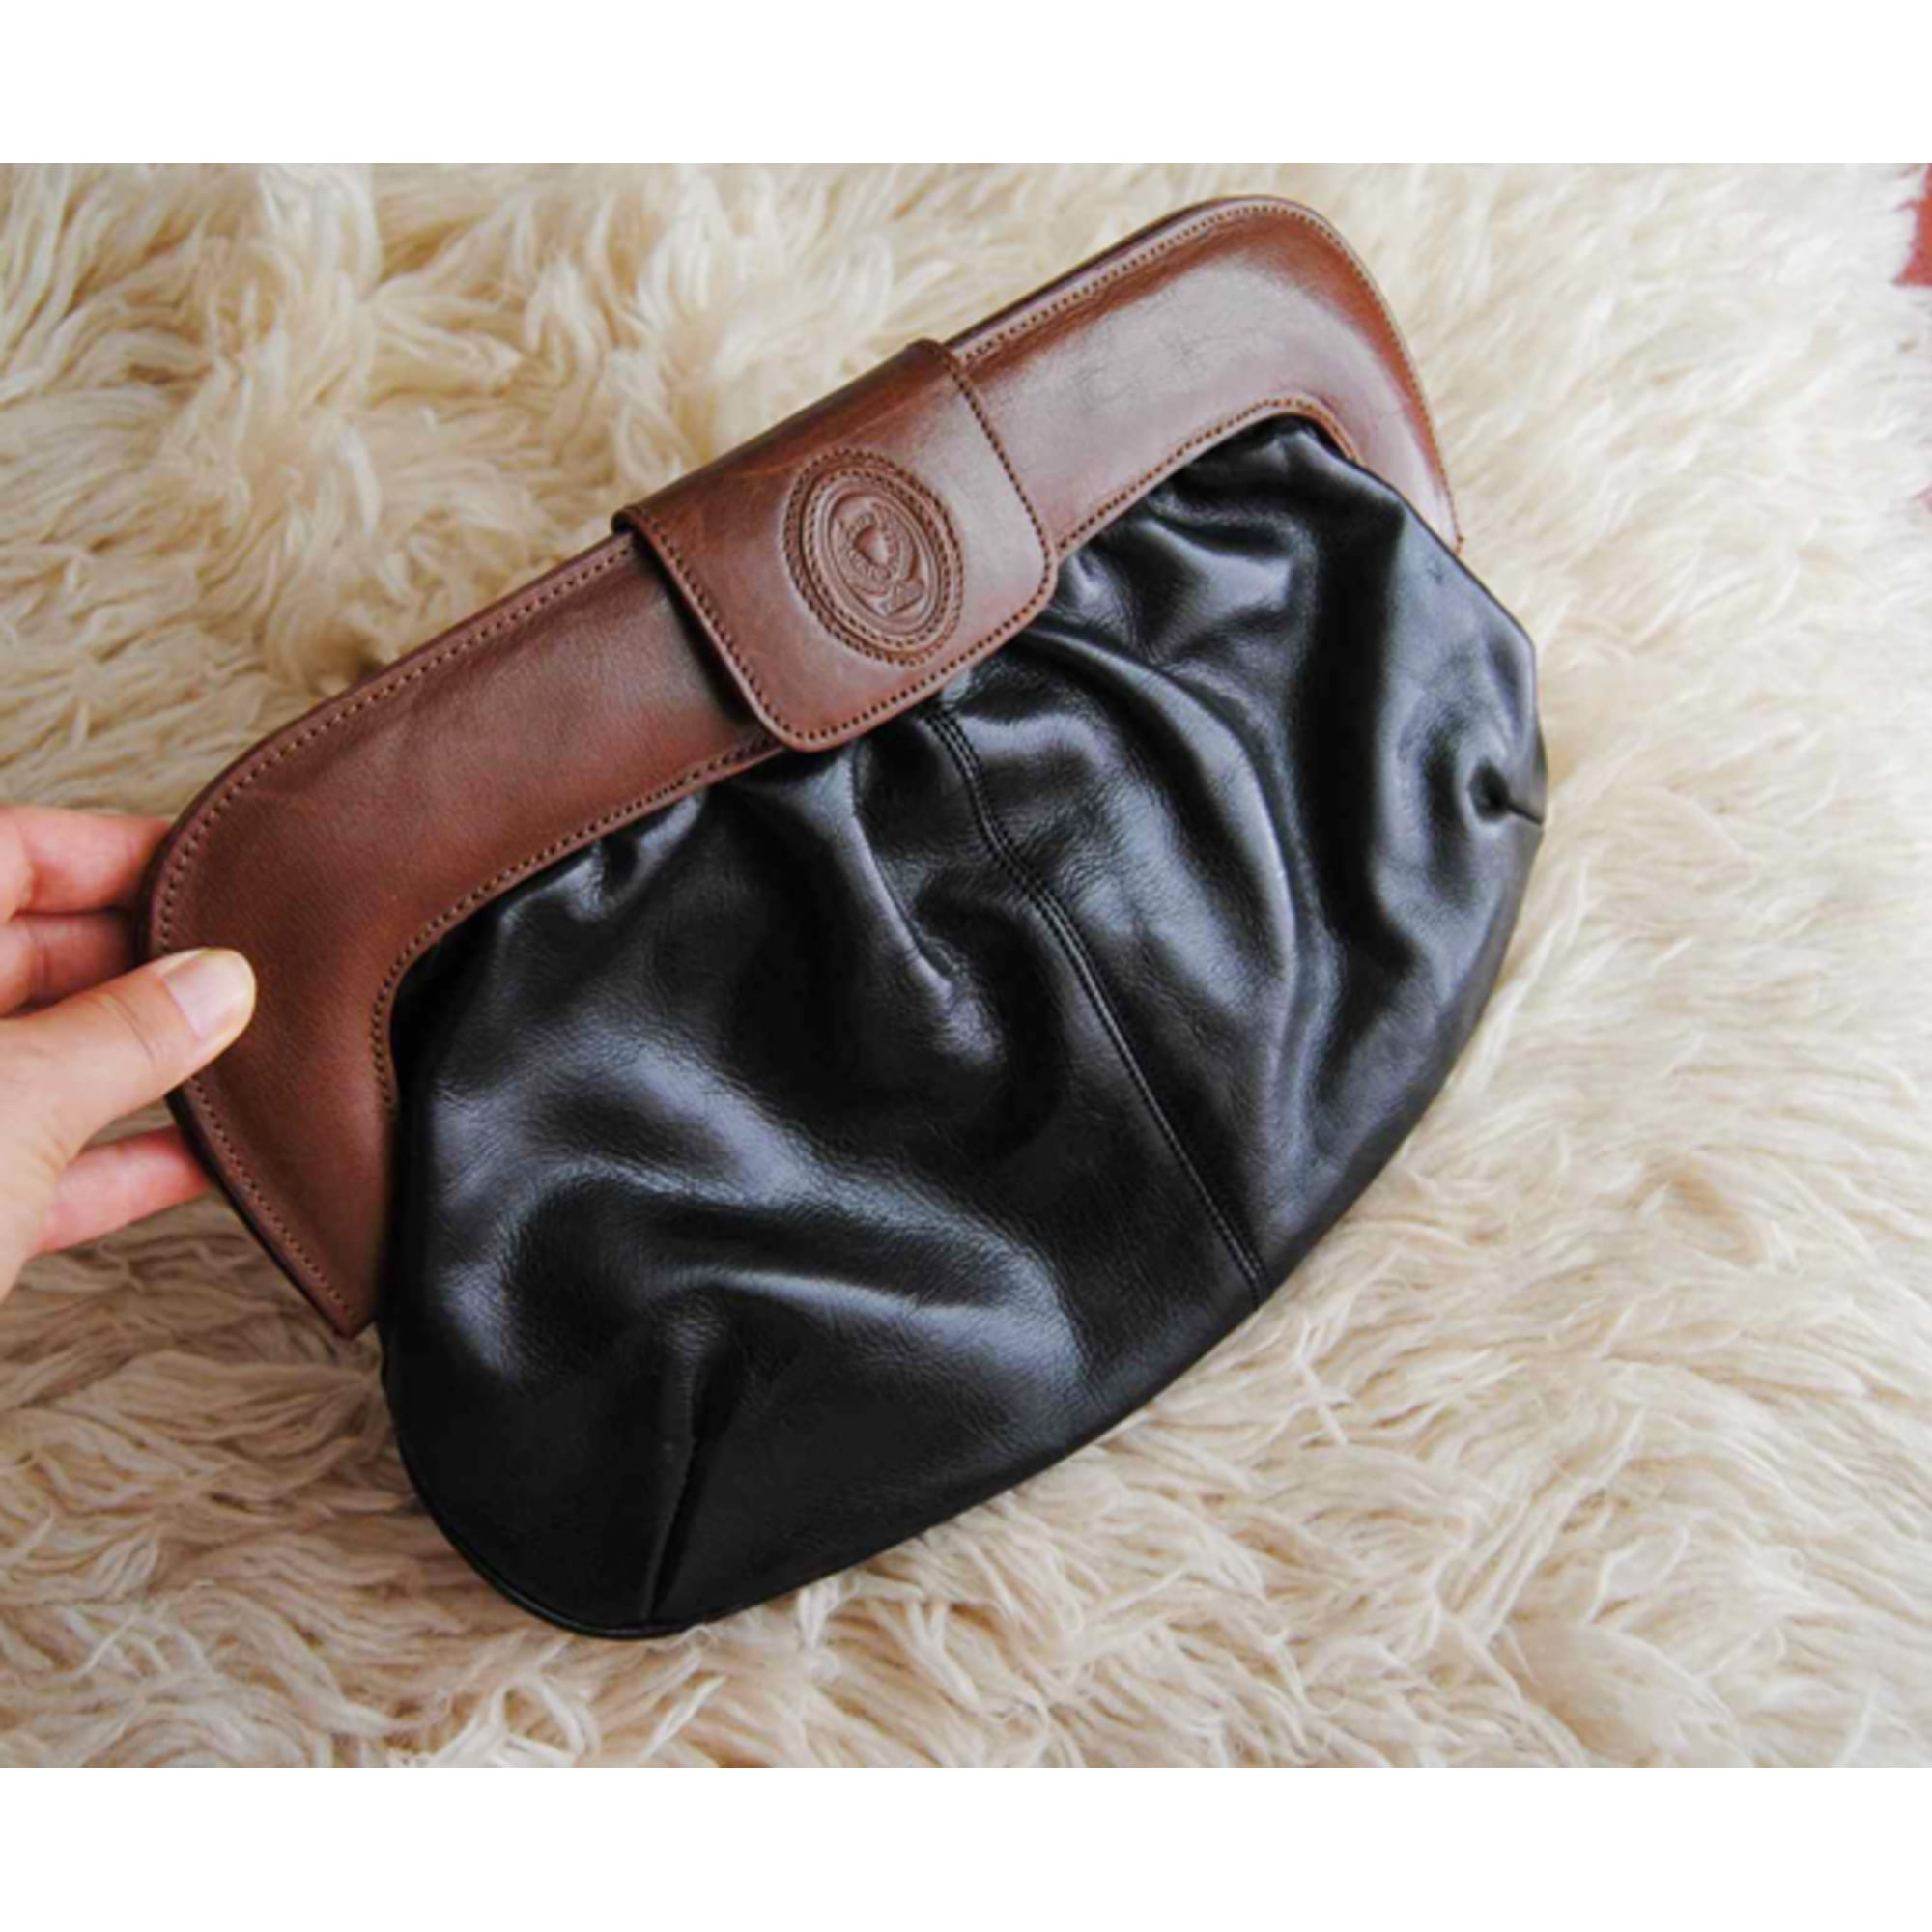 dd3fc97dfb318 Handtasche Leder DISSER schwarz vendu par Nine 748023 - 3071265